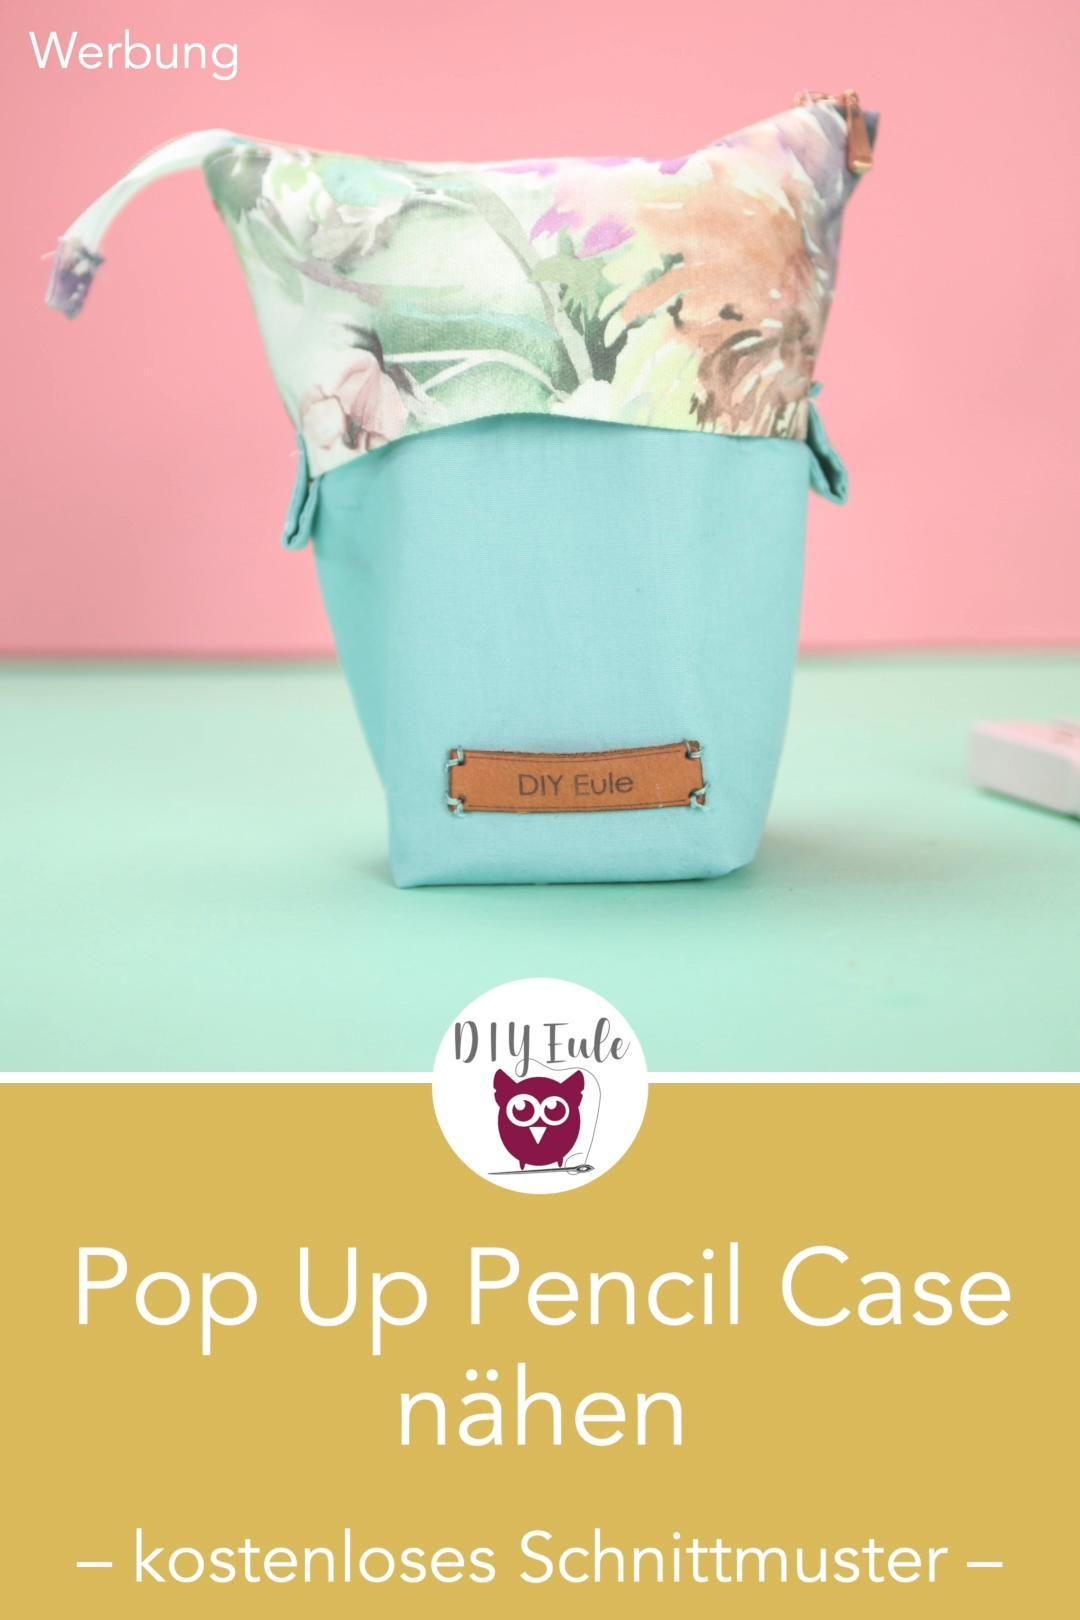 [Werbung] Pop Up Pencil Case nähen mit kostenlosem Schnittmuster. Federtasche für 50